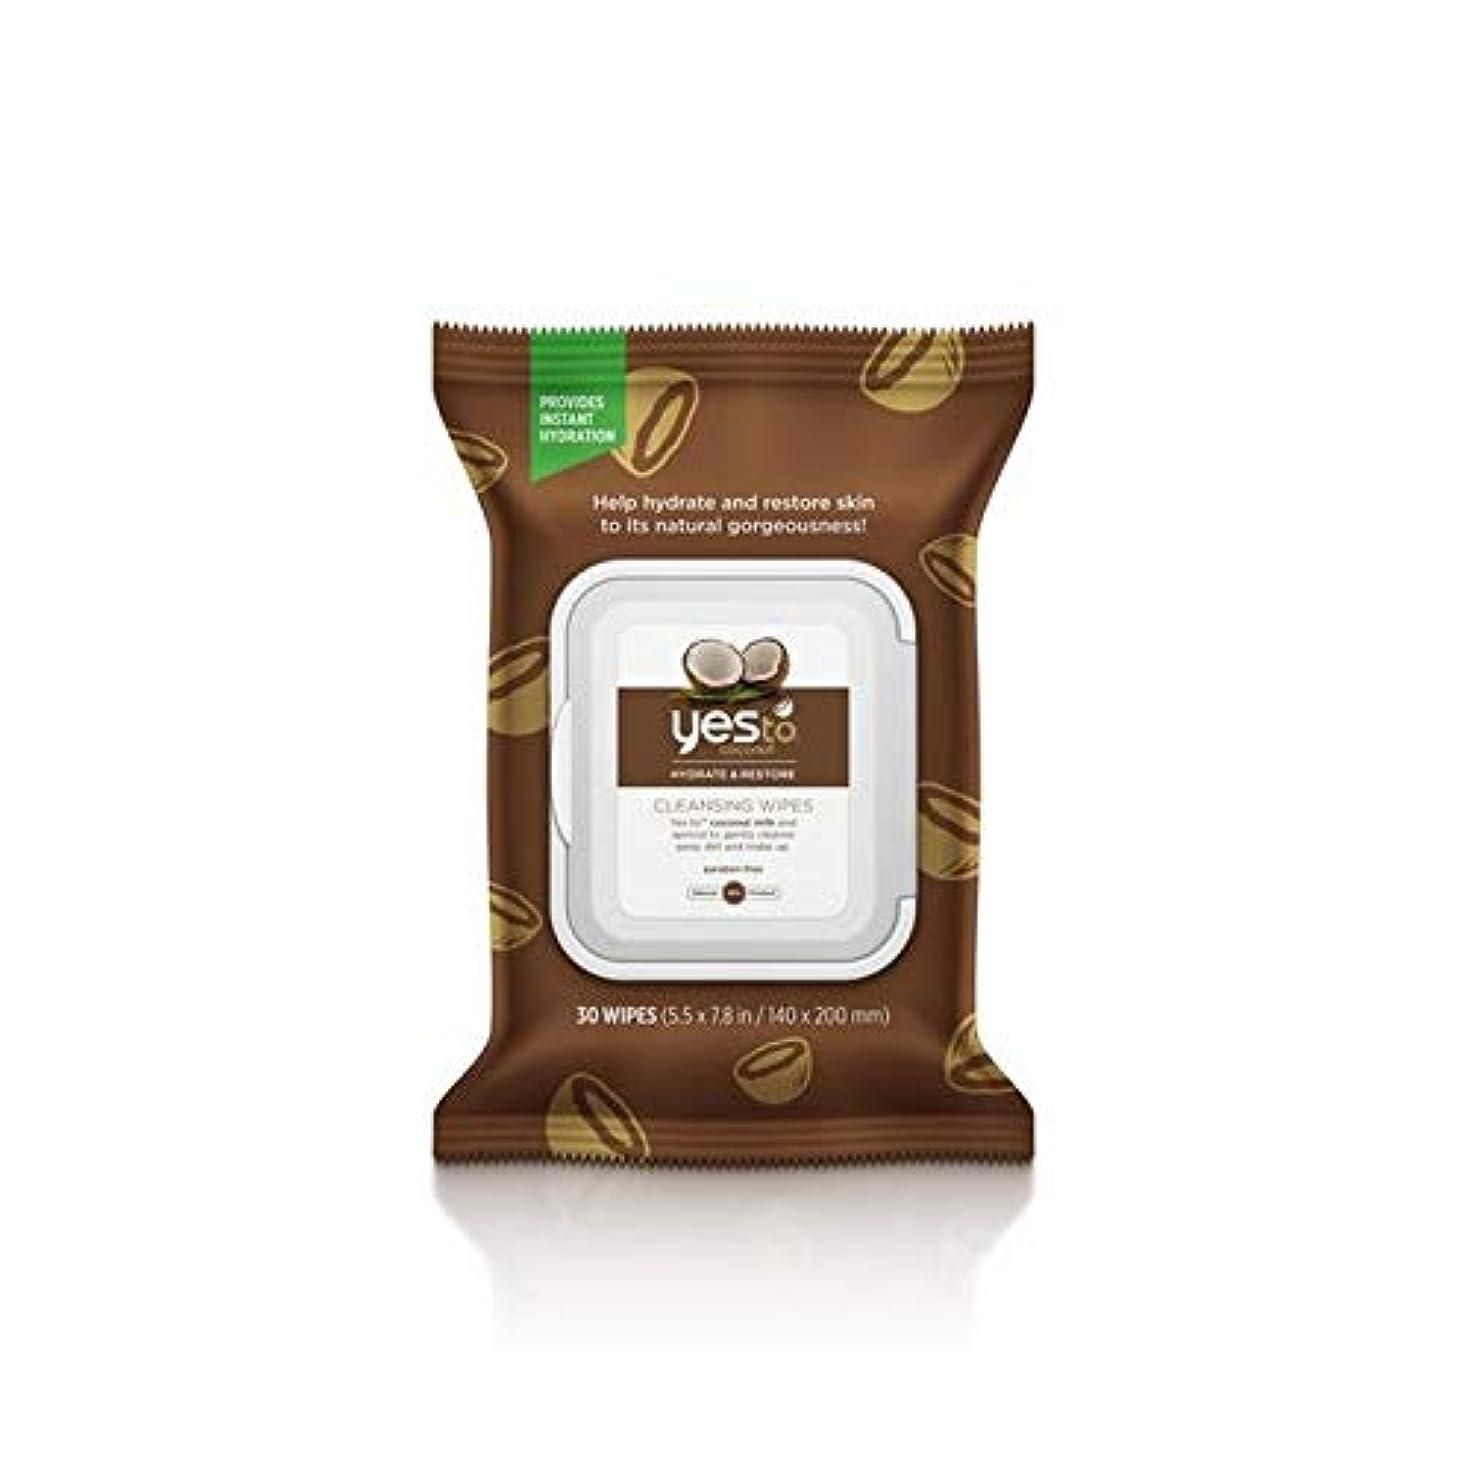 民間人可決エーカー[YES TO! ] はいココナッツクレンジング顔にパックあたり25ワイプ - Yes To Coconut Cleansing Face Wipes 25 per pack [並行輸入品]